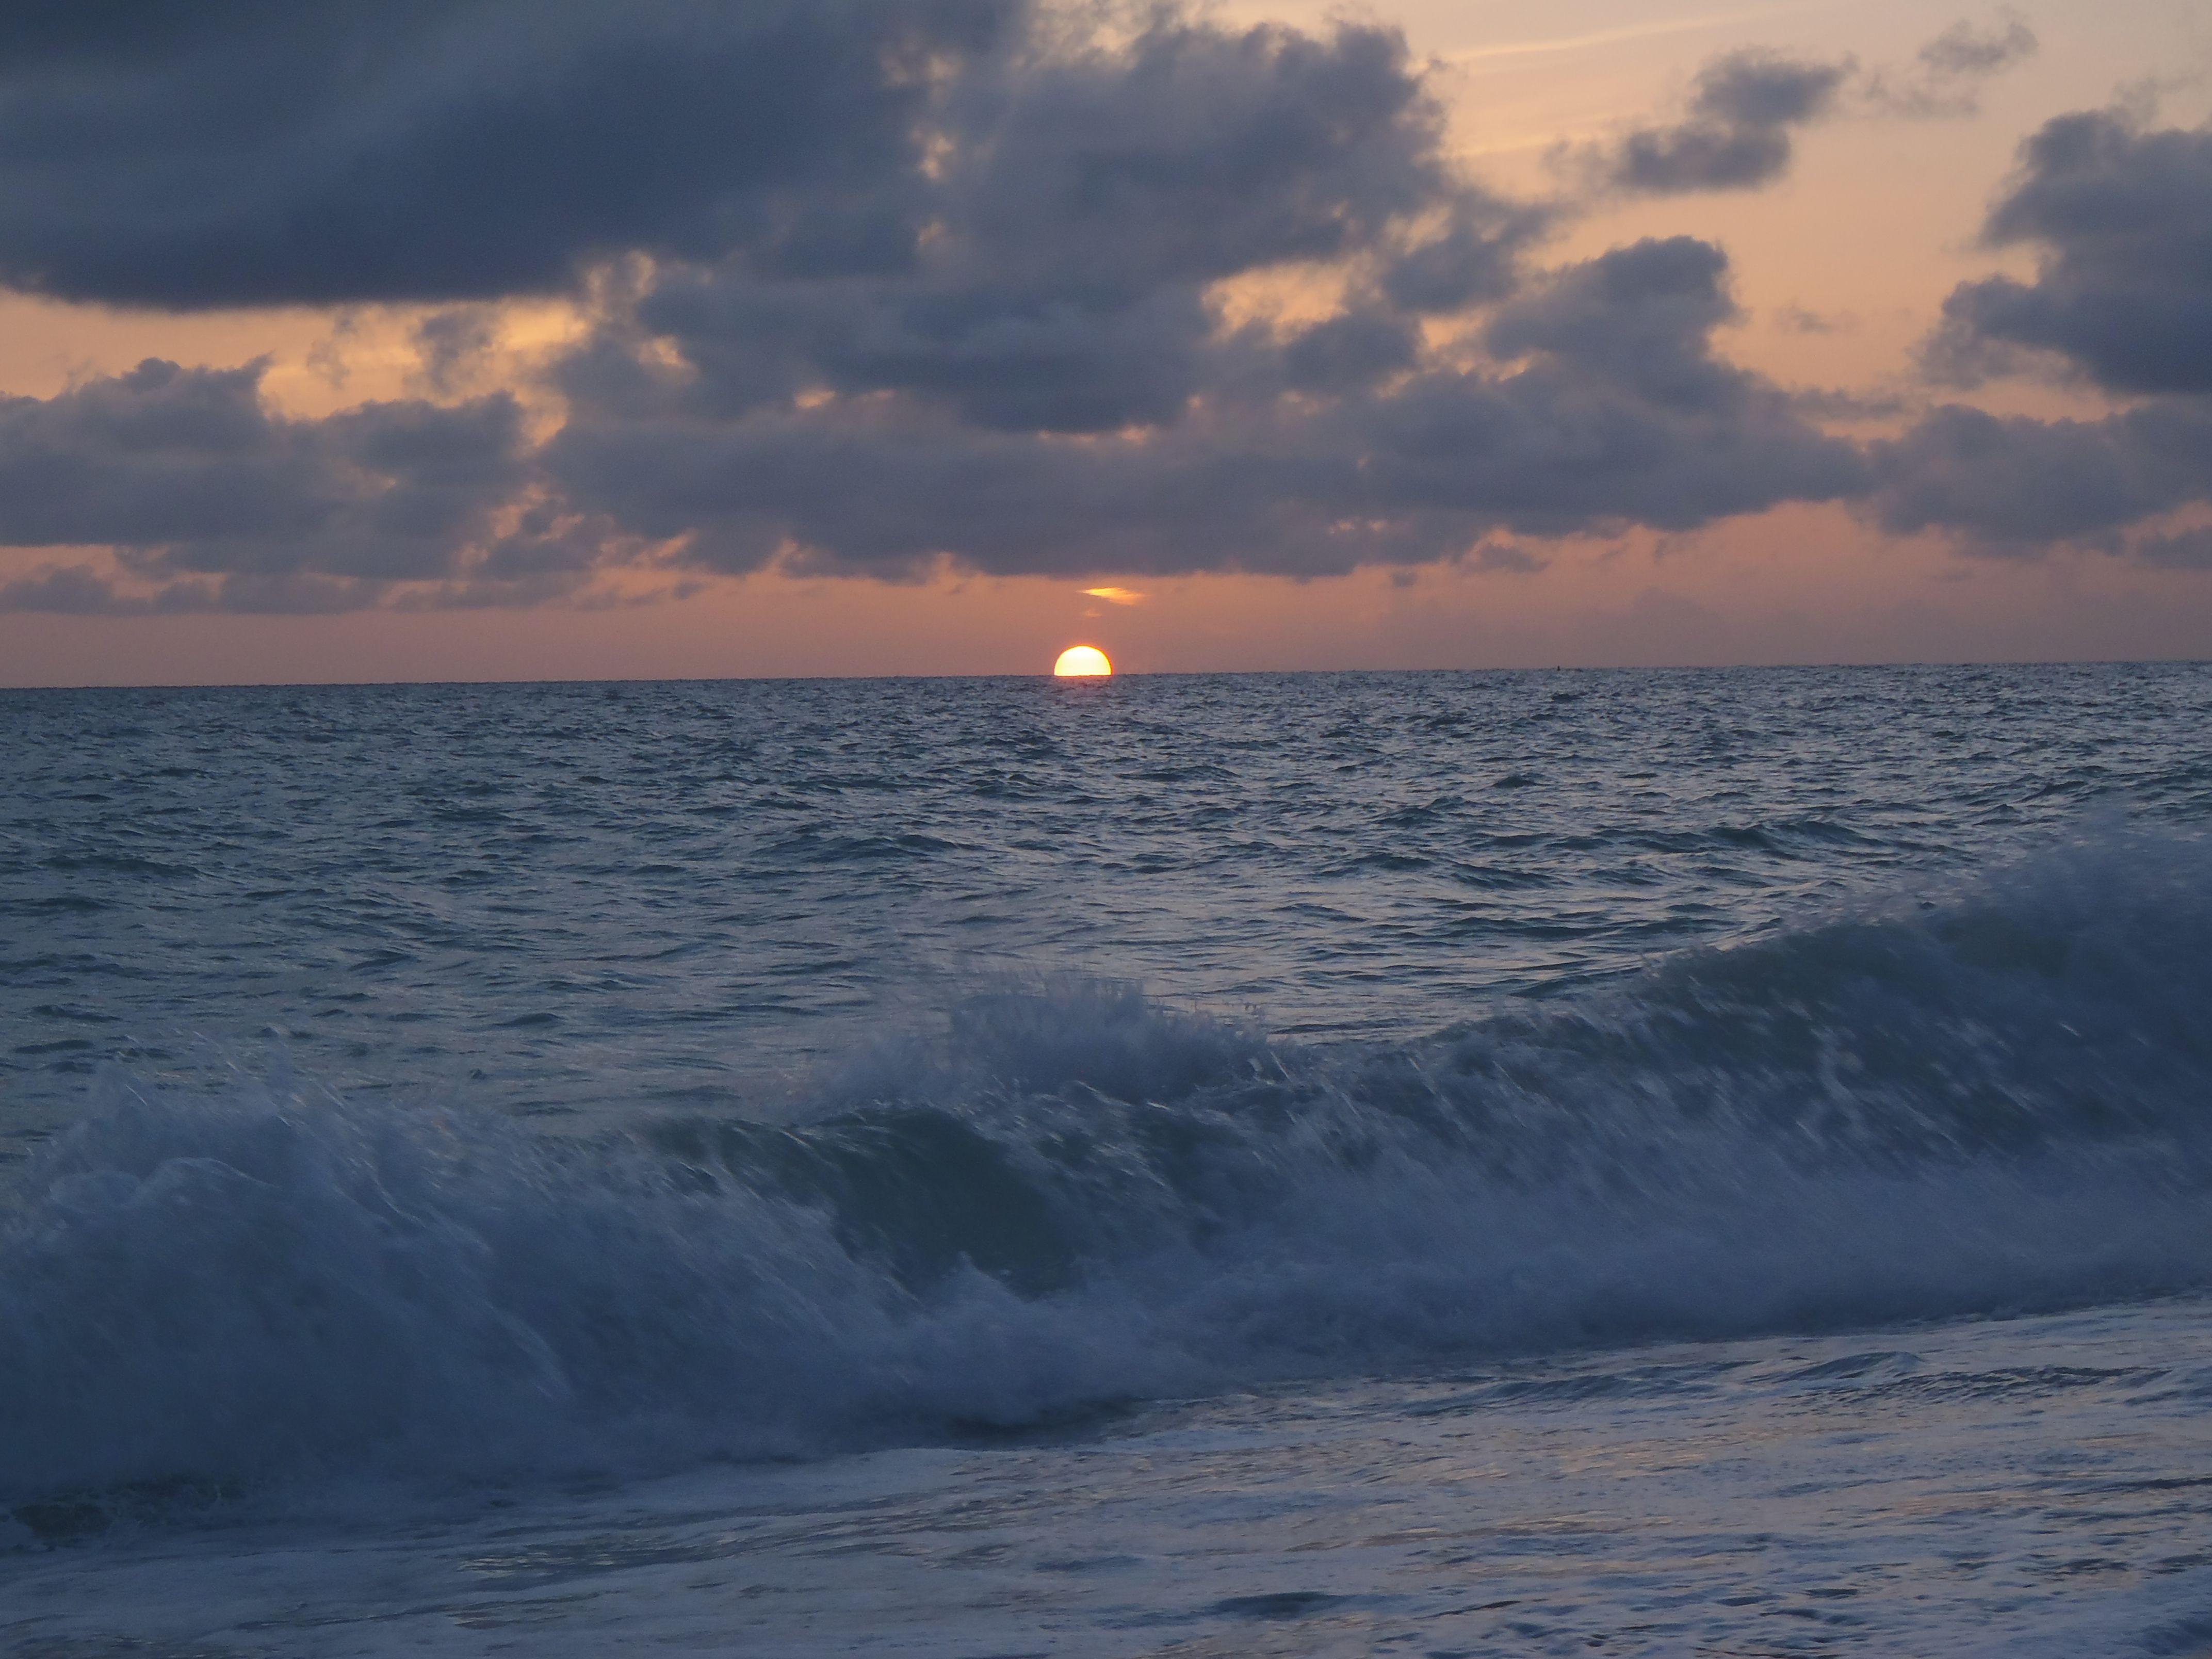 Captiva Island sunset. | Sunrise, sunset . . . | Sunset, Captiva island, Sunrise